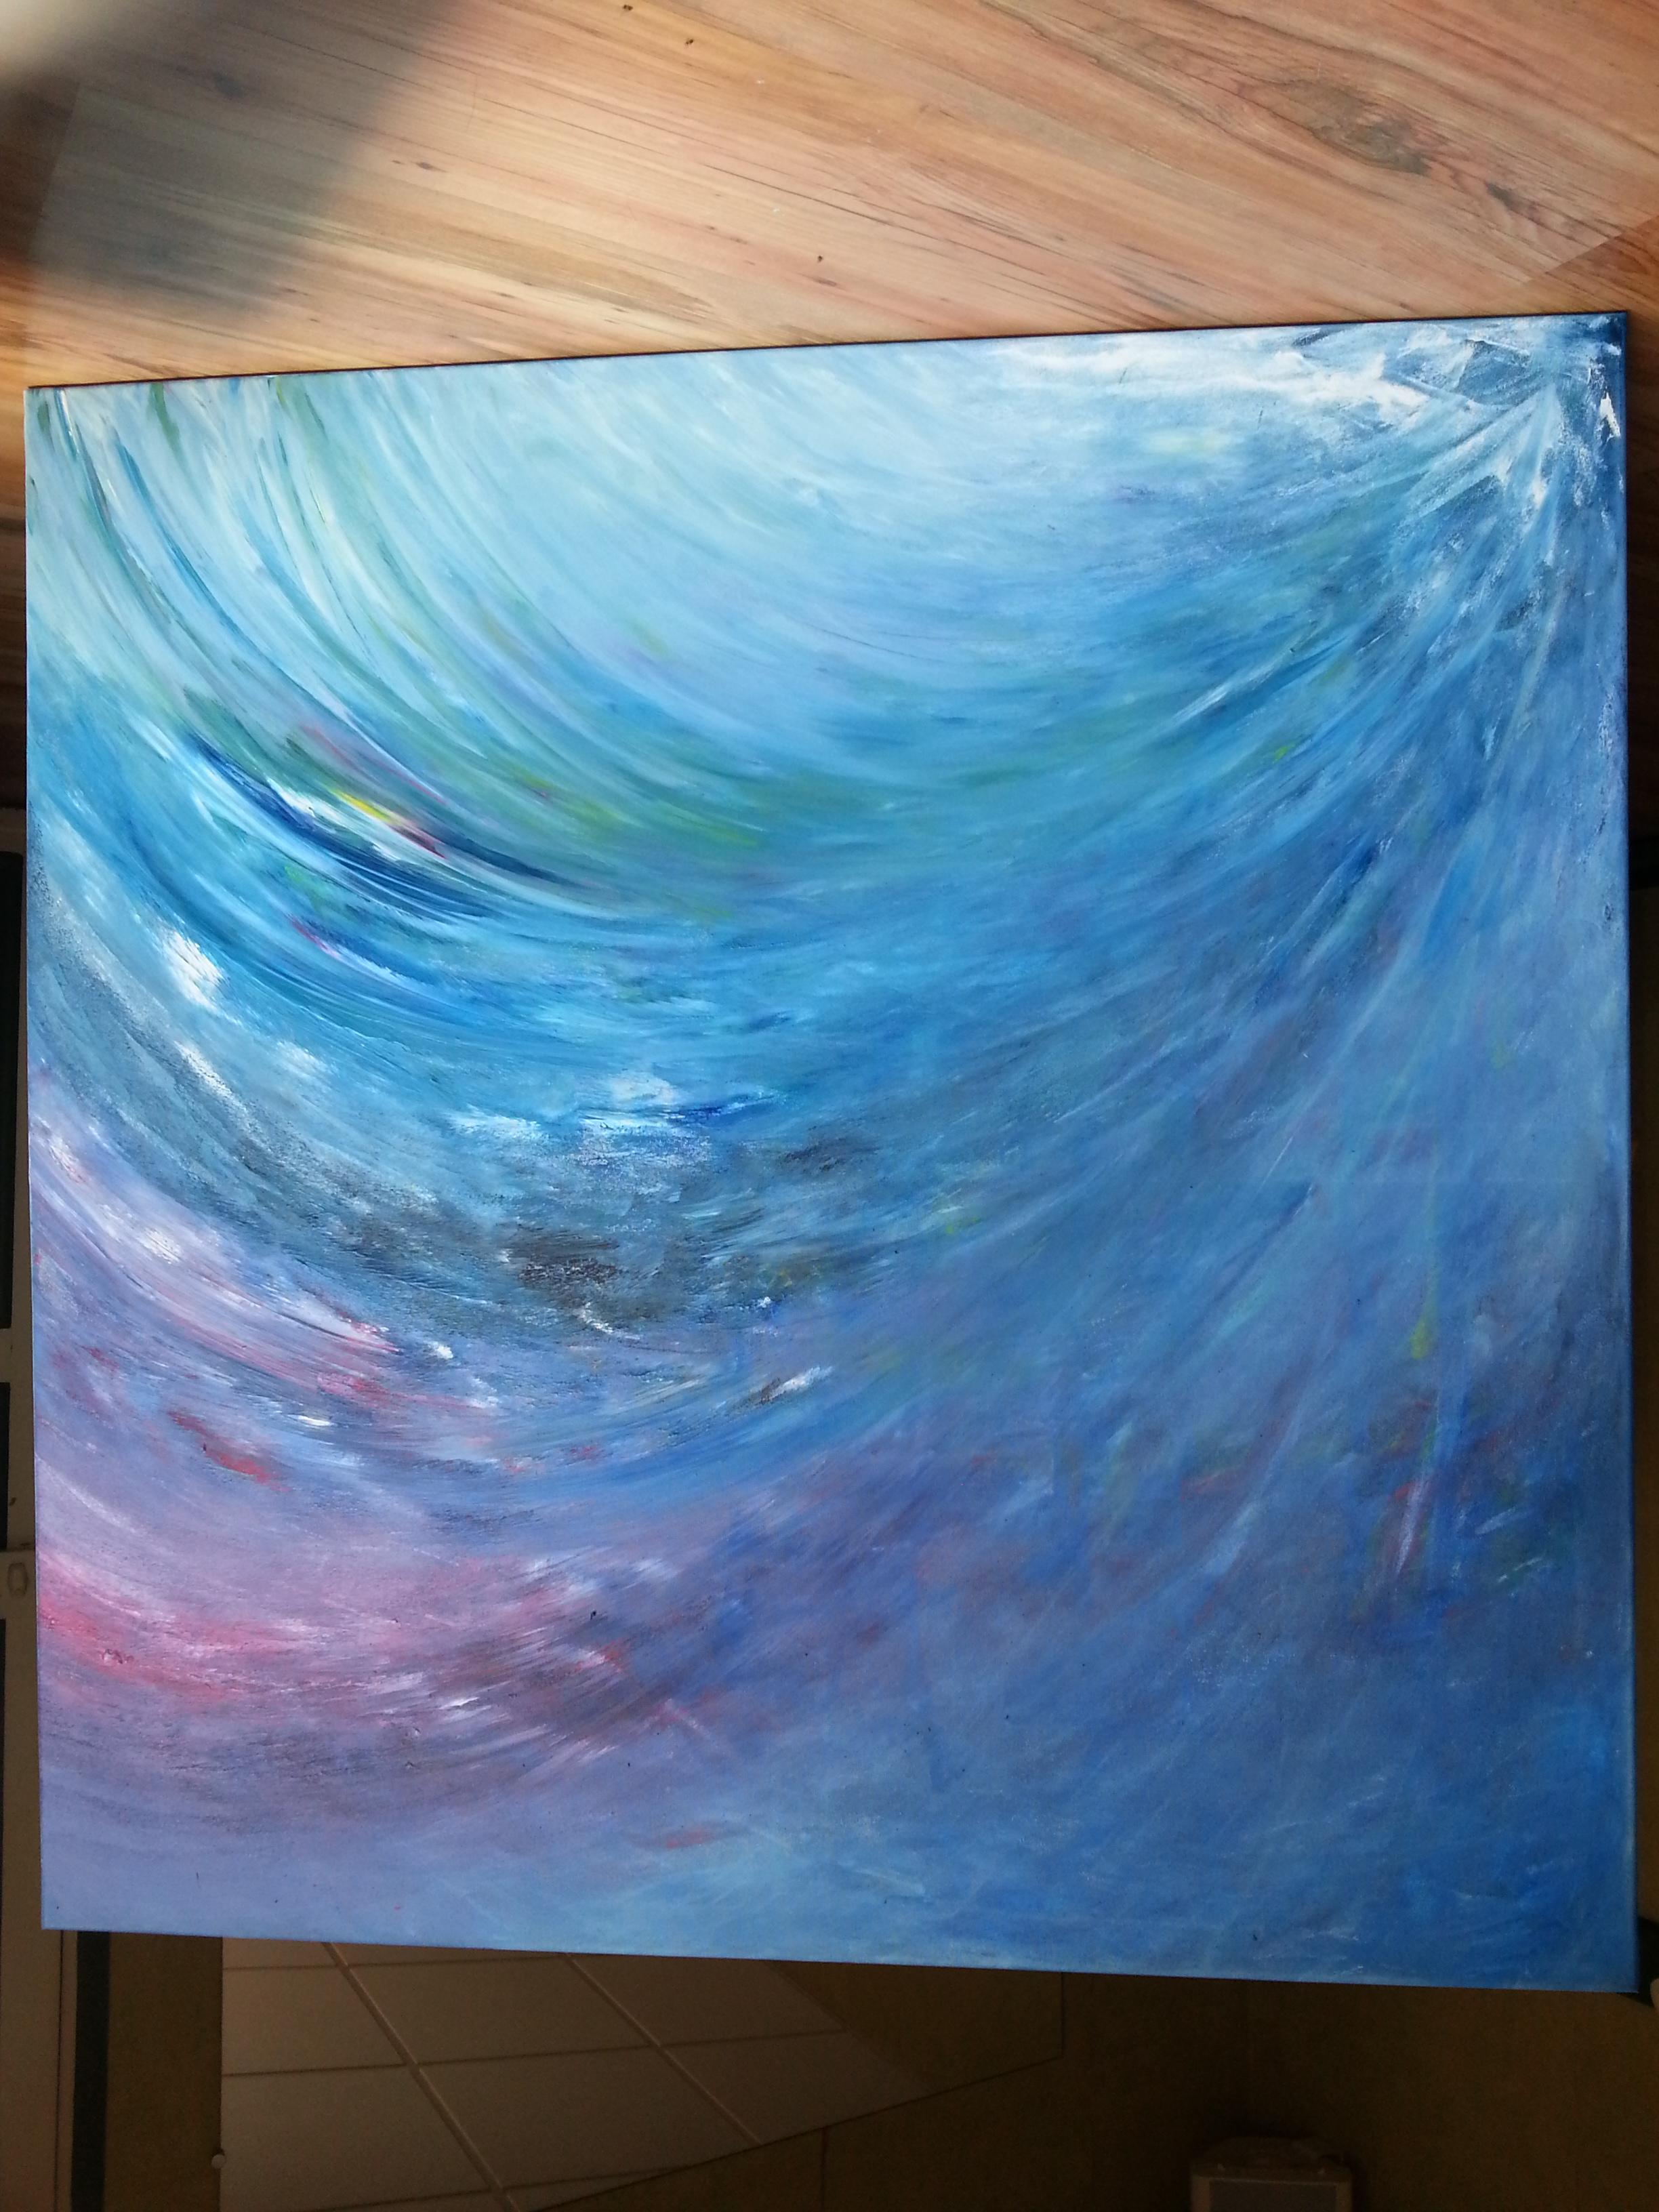 Peinture du mouvement présent - Yolande Bertrand - 14 juillet 2018 20h (2)